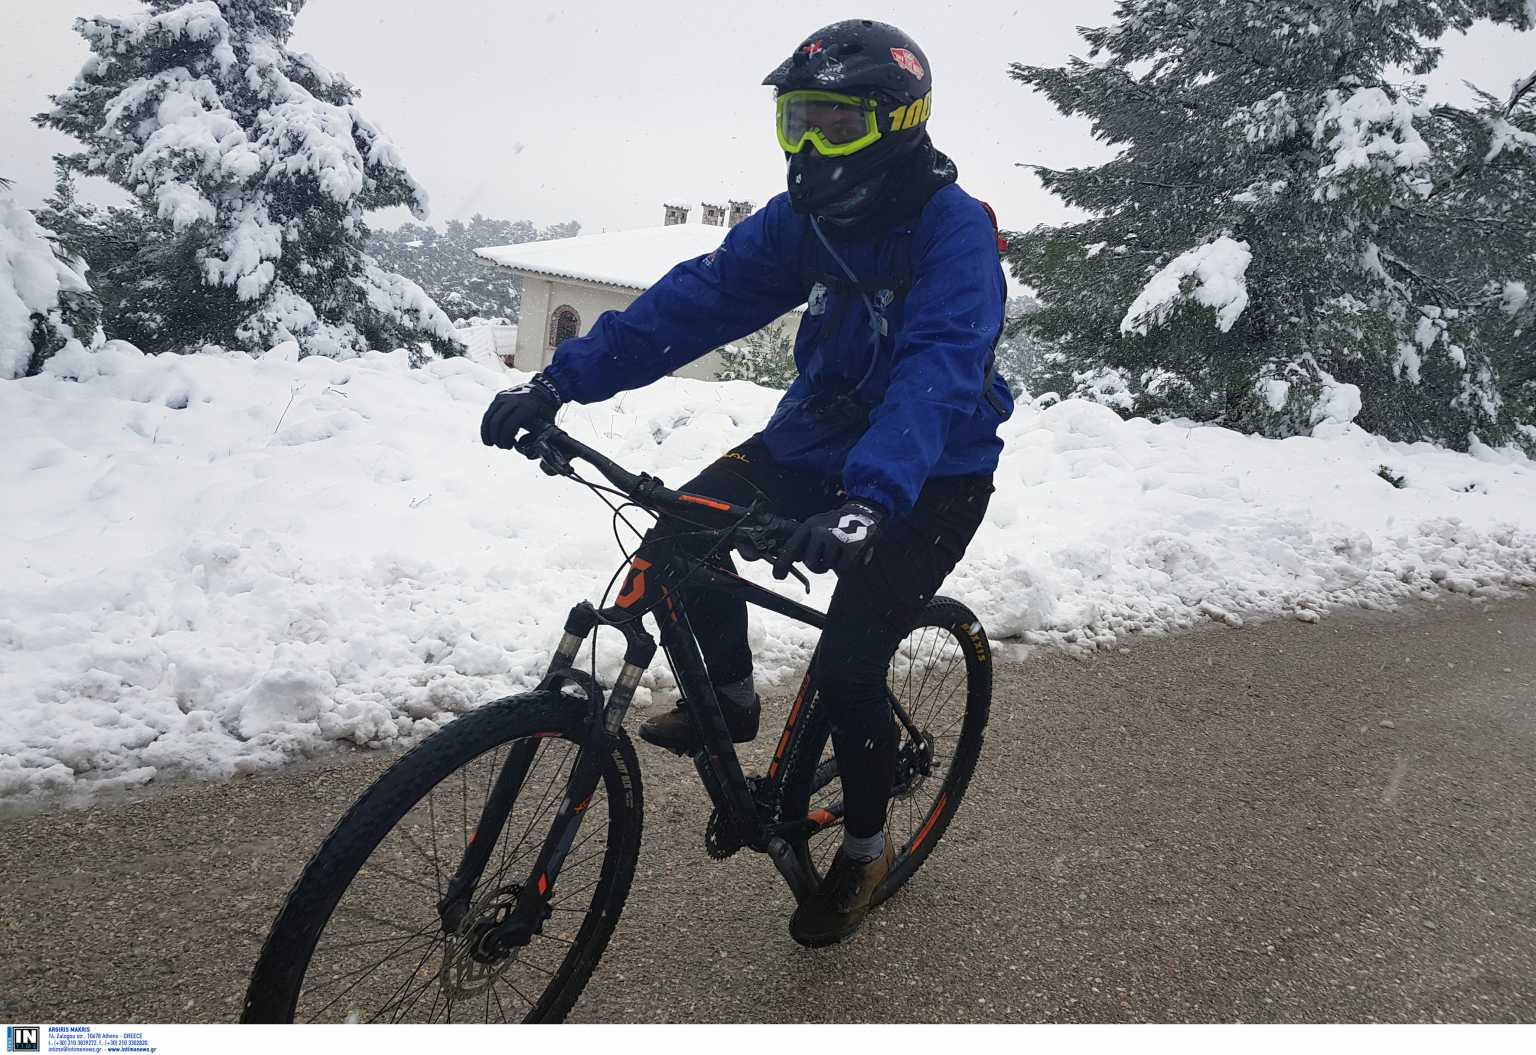 Καιρός – Καλλιάνος: Χιόνια στην Αττική ανήμερα την 25η Μαρτίου